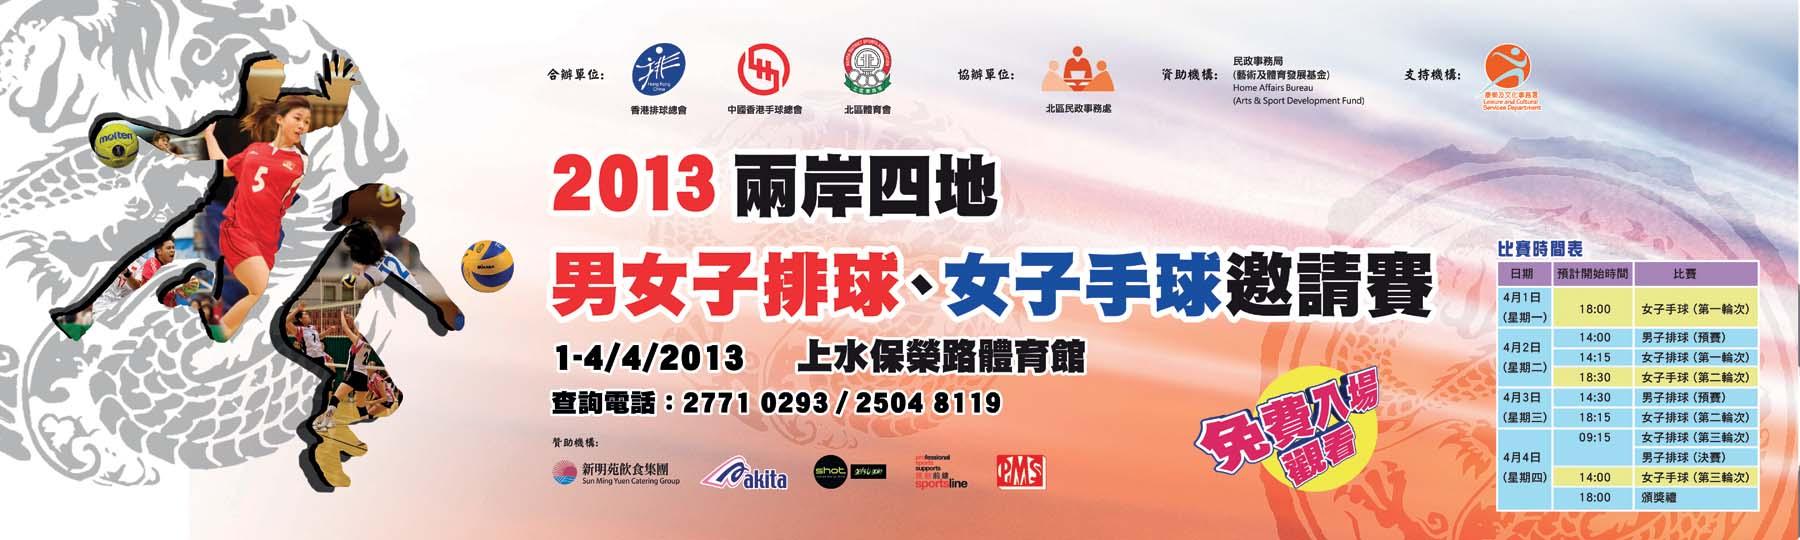 香港邀請賽